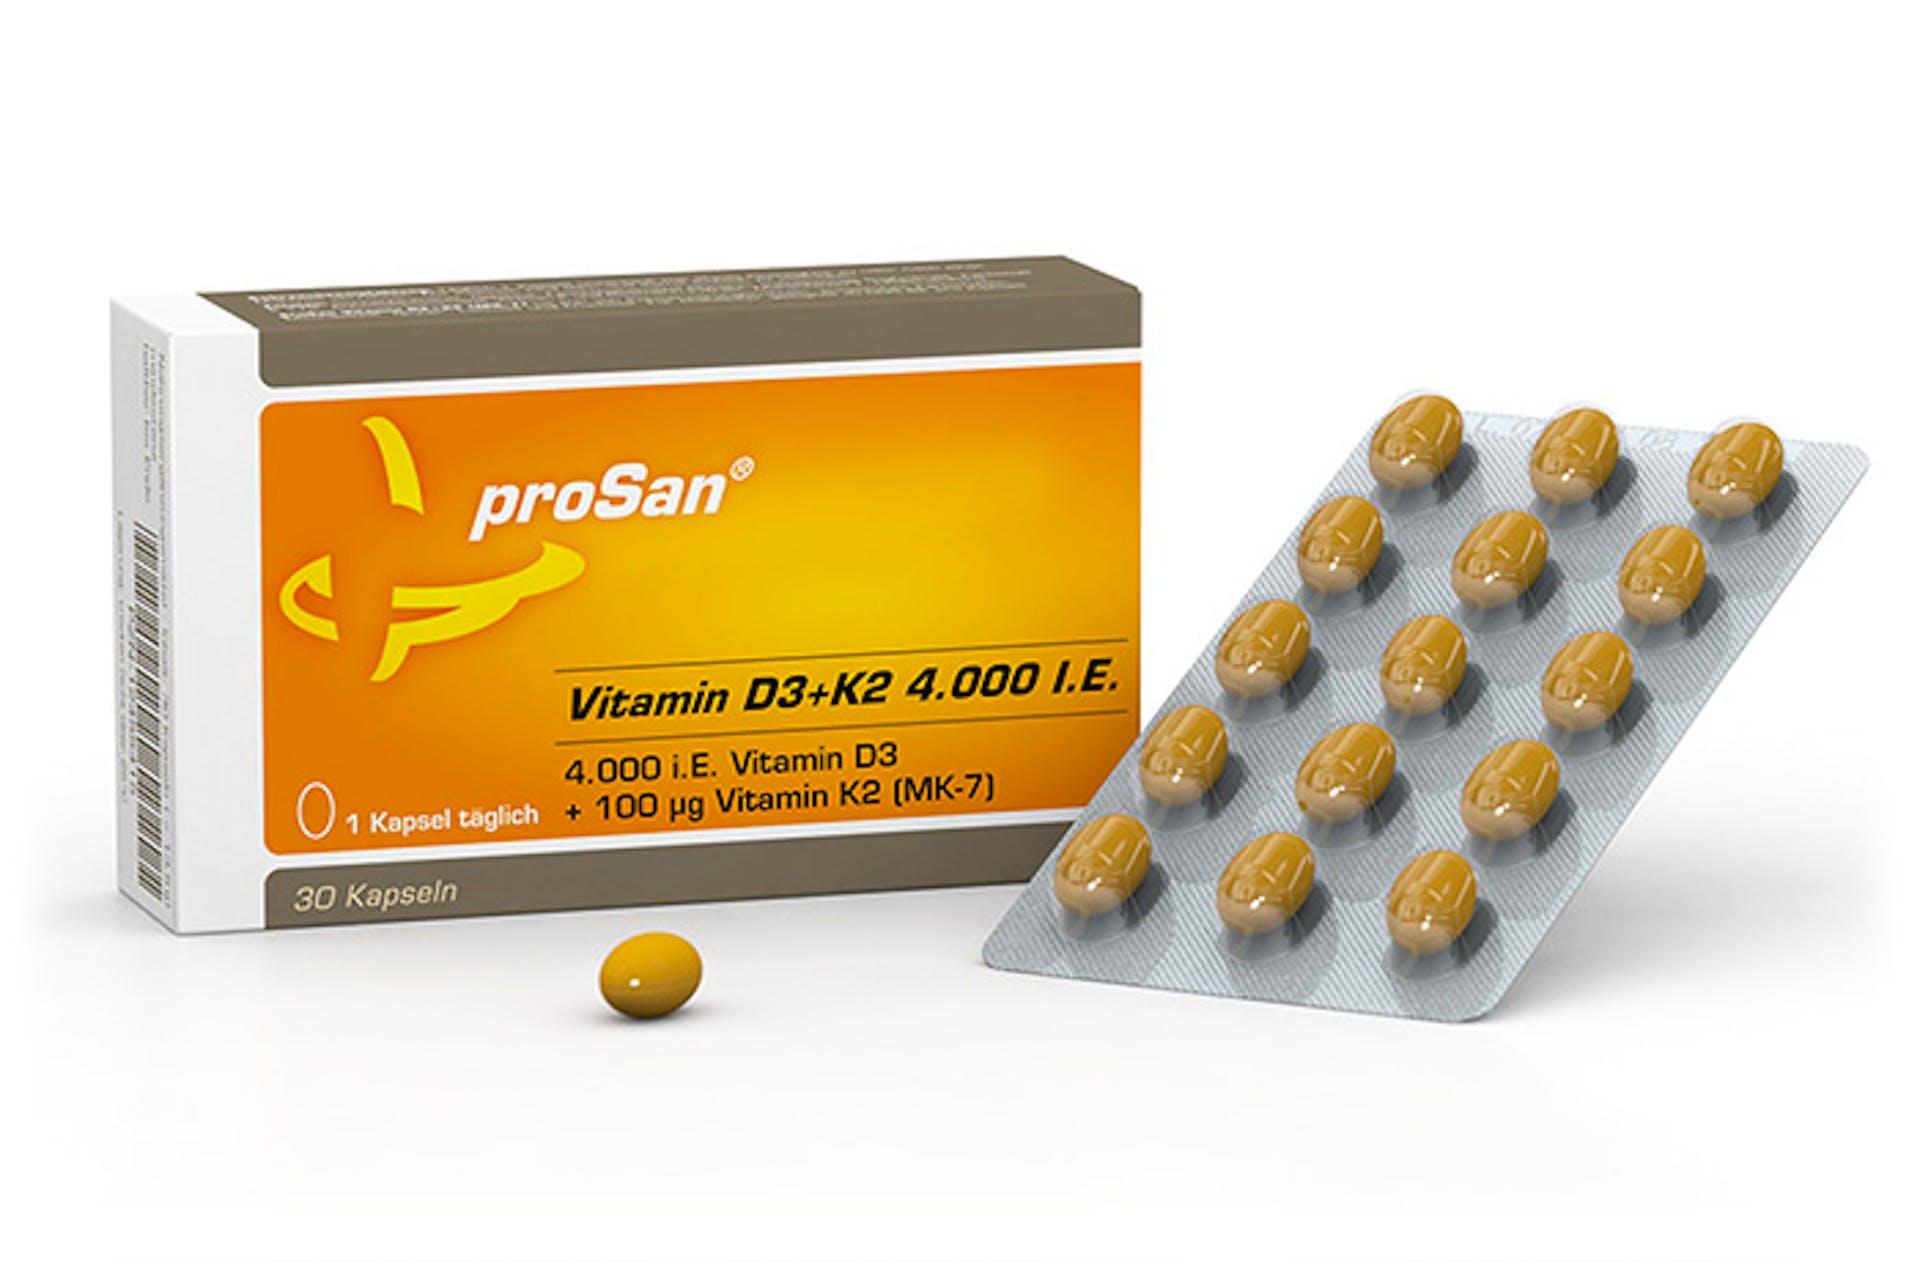 proSan immun vitamin d3+k2 4.000 I.E. kaufen